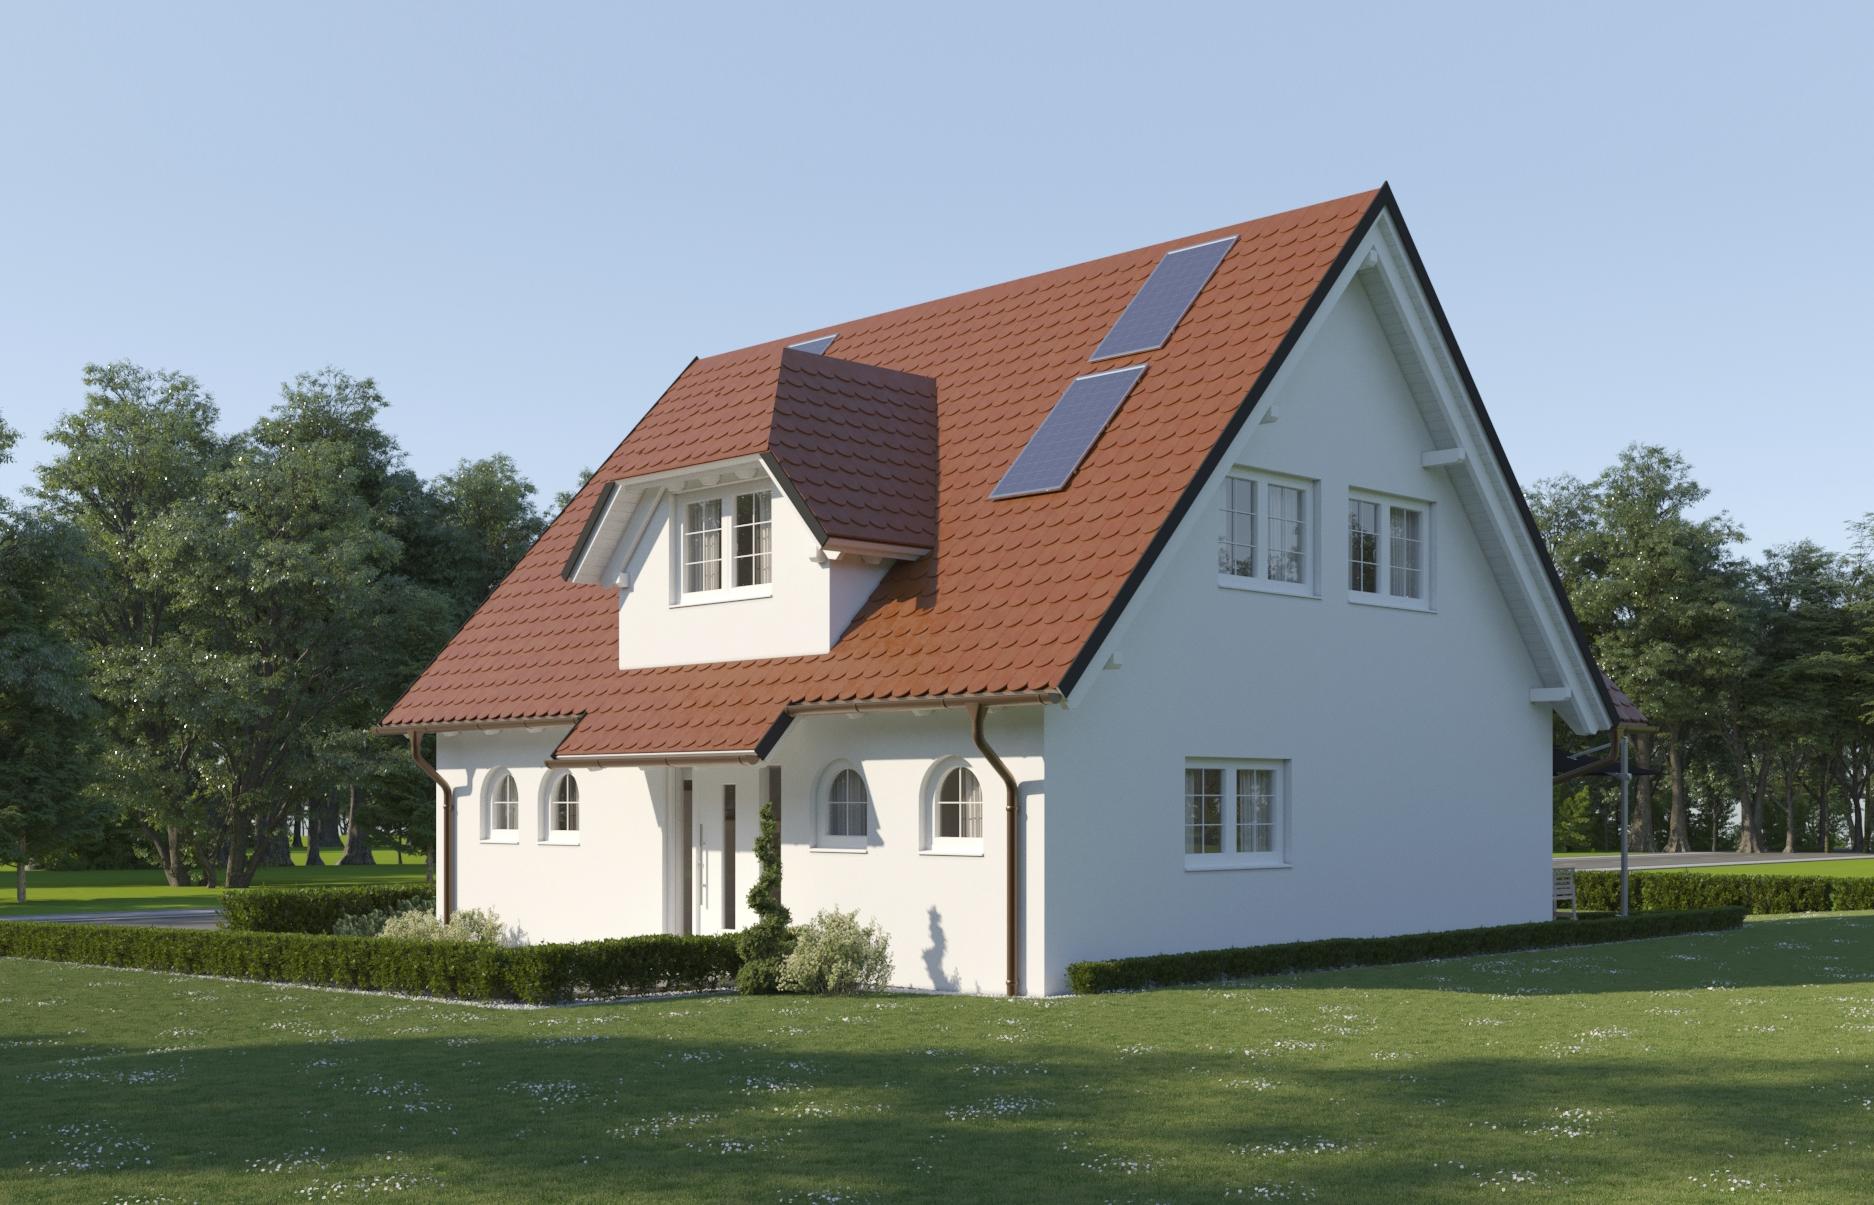 Musterhäuser von Bodenseehaus | Hurra wir bauen